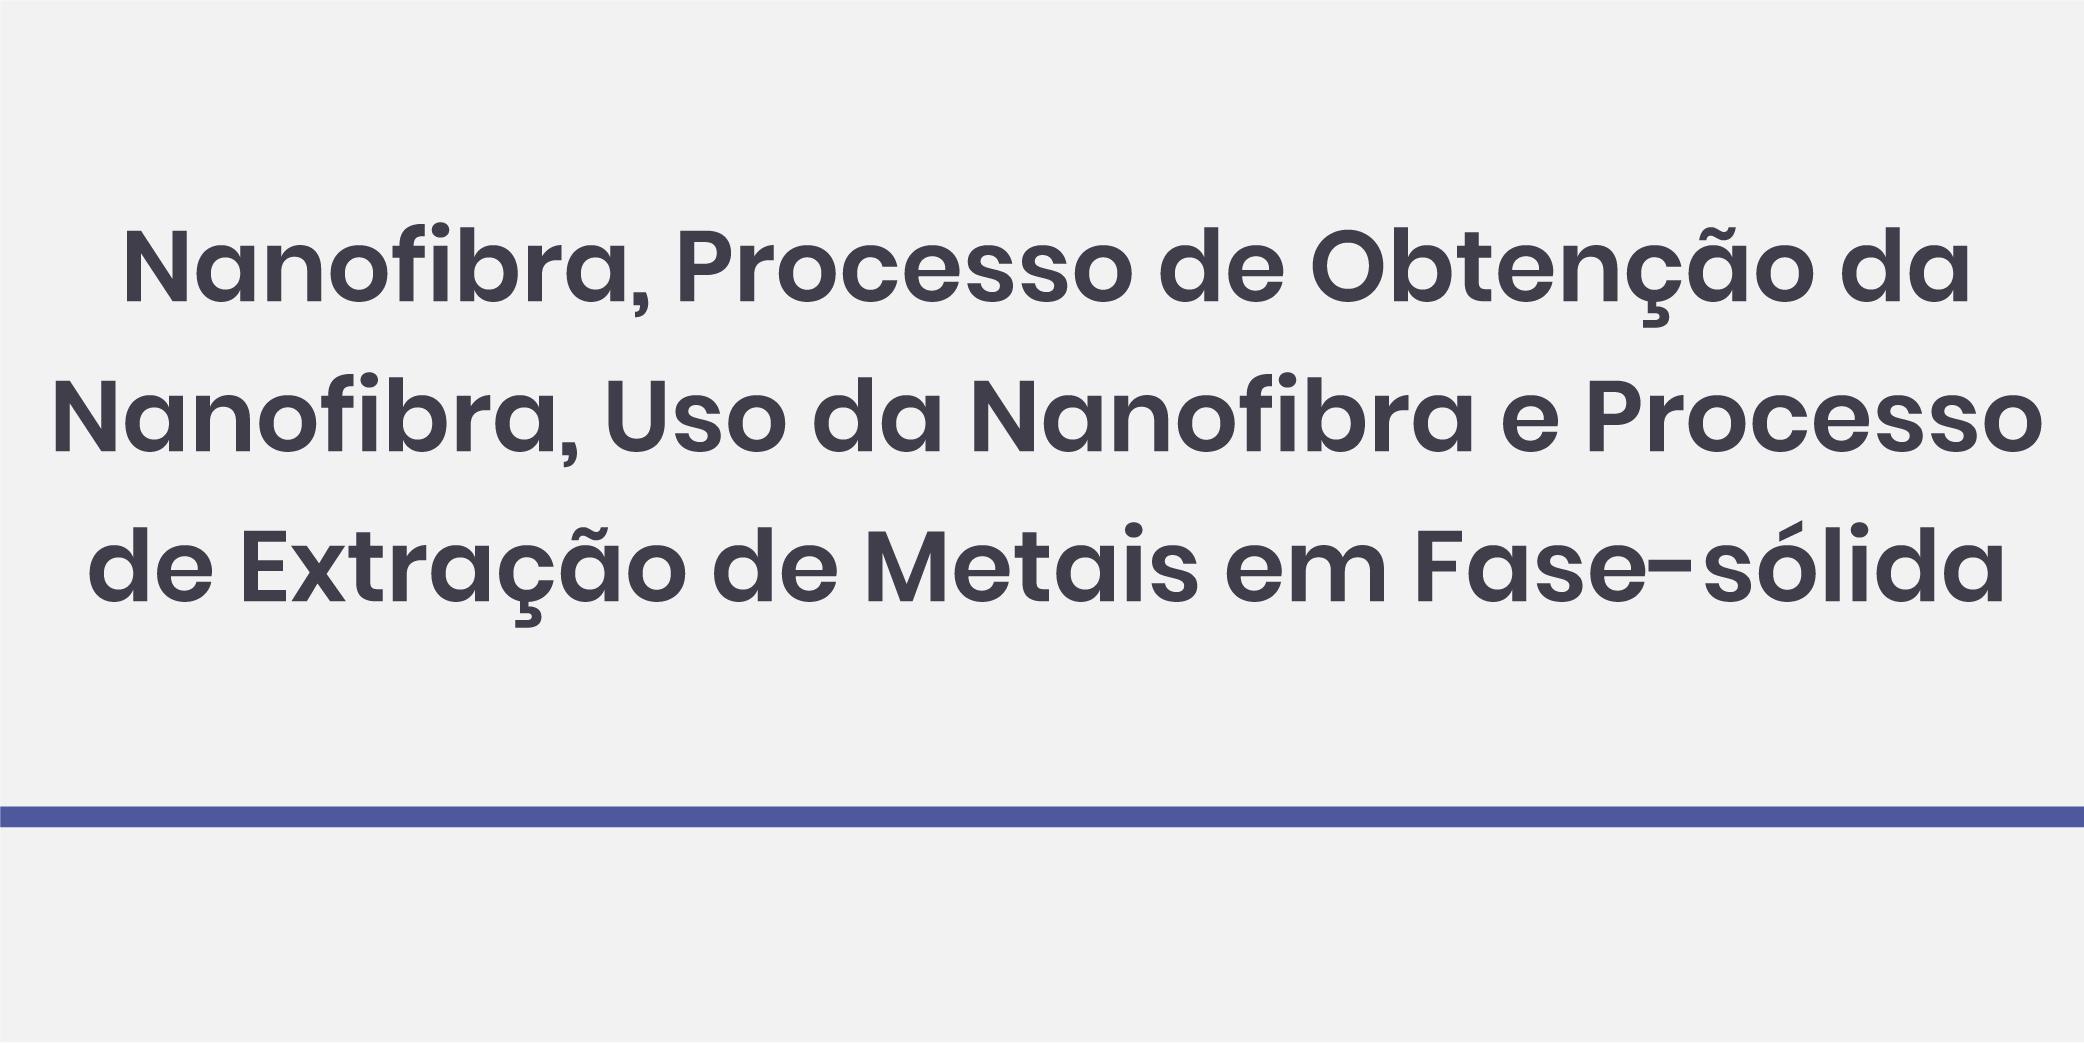 Nanofibra, Processo de Obtençãoda Nanofibra, Uso Da Nanofibra e Processo de Extração de Metais em Fase-sólida